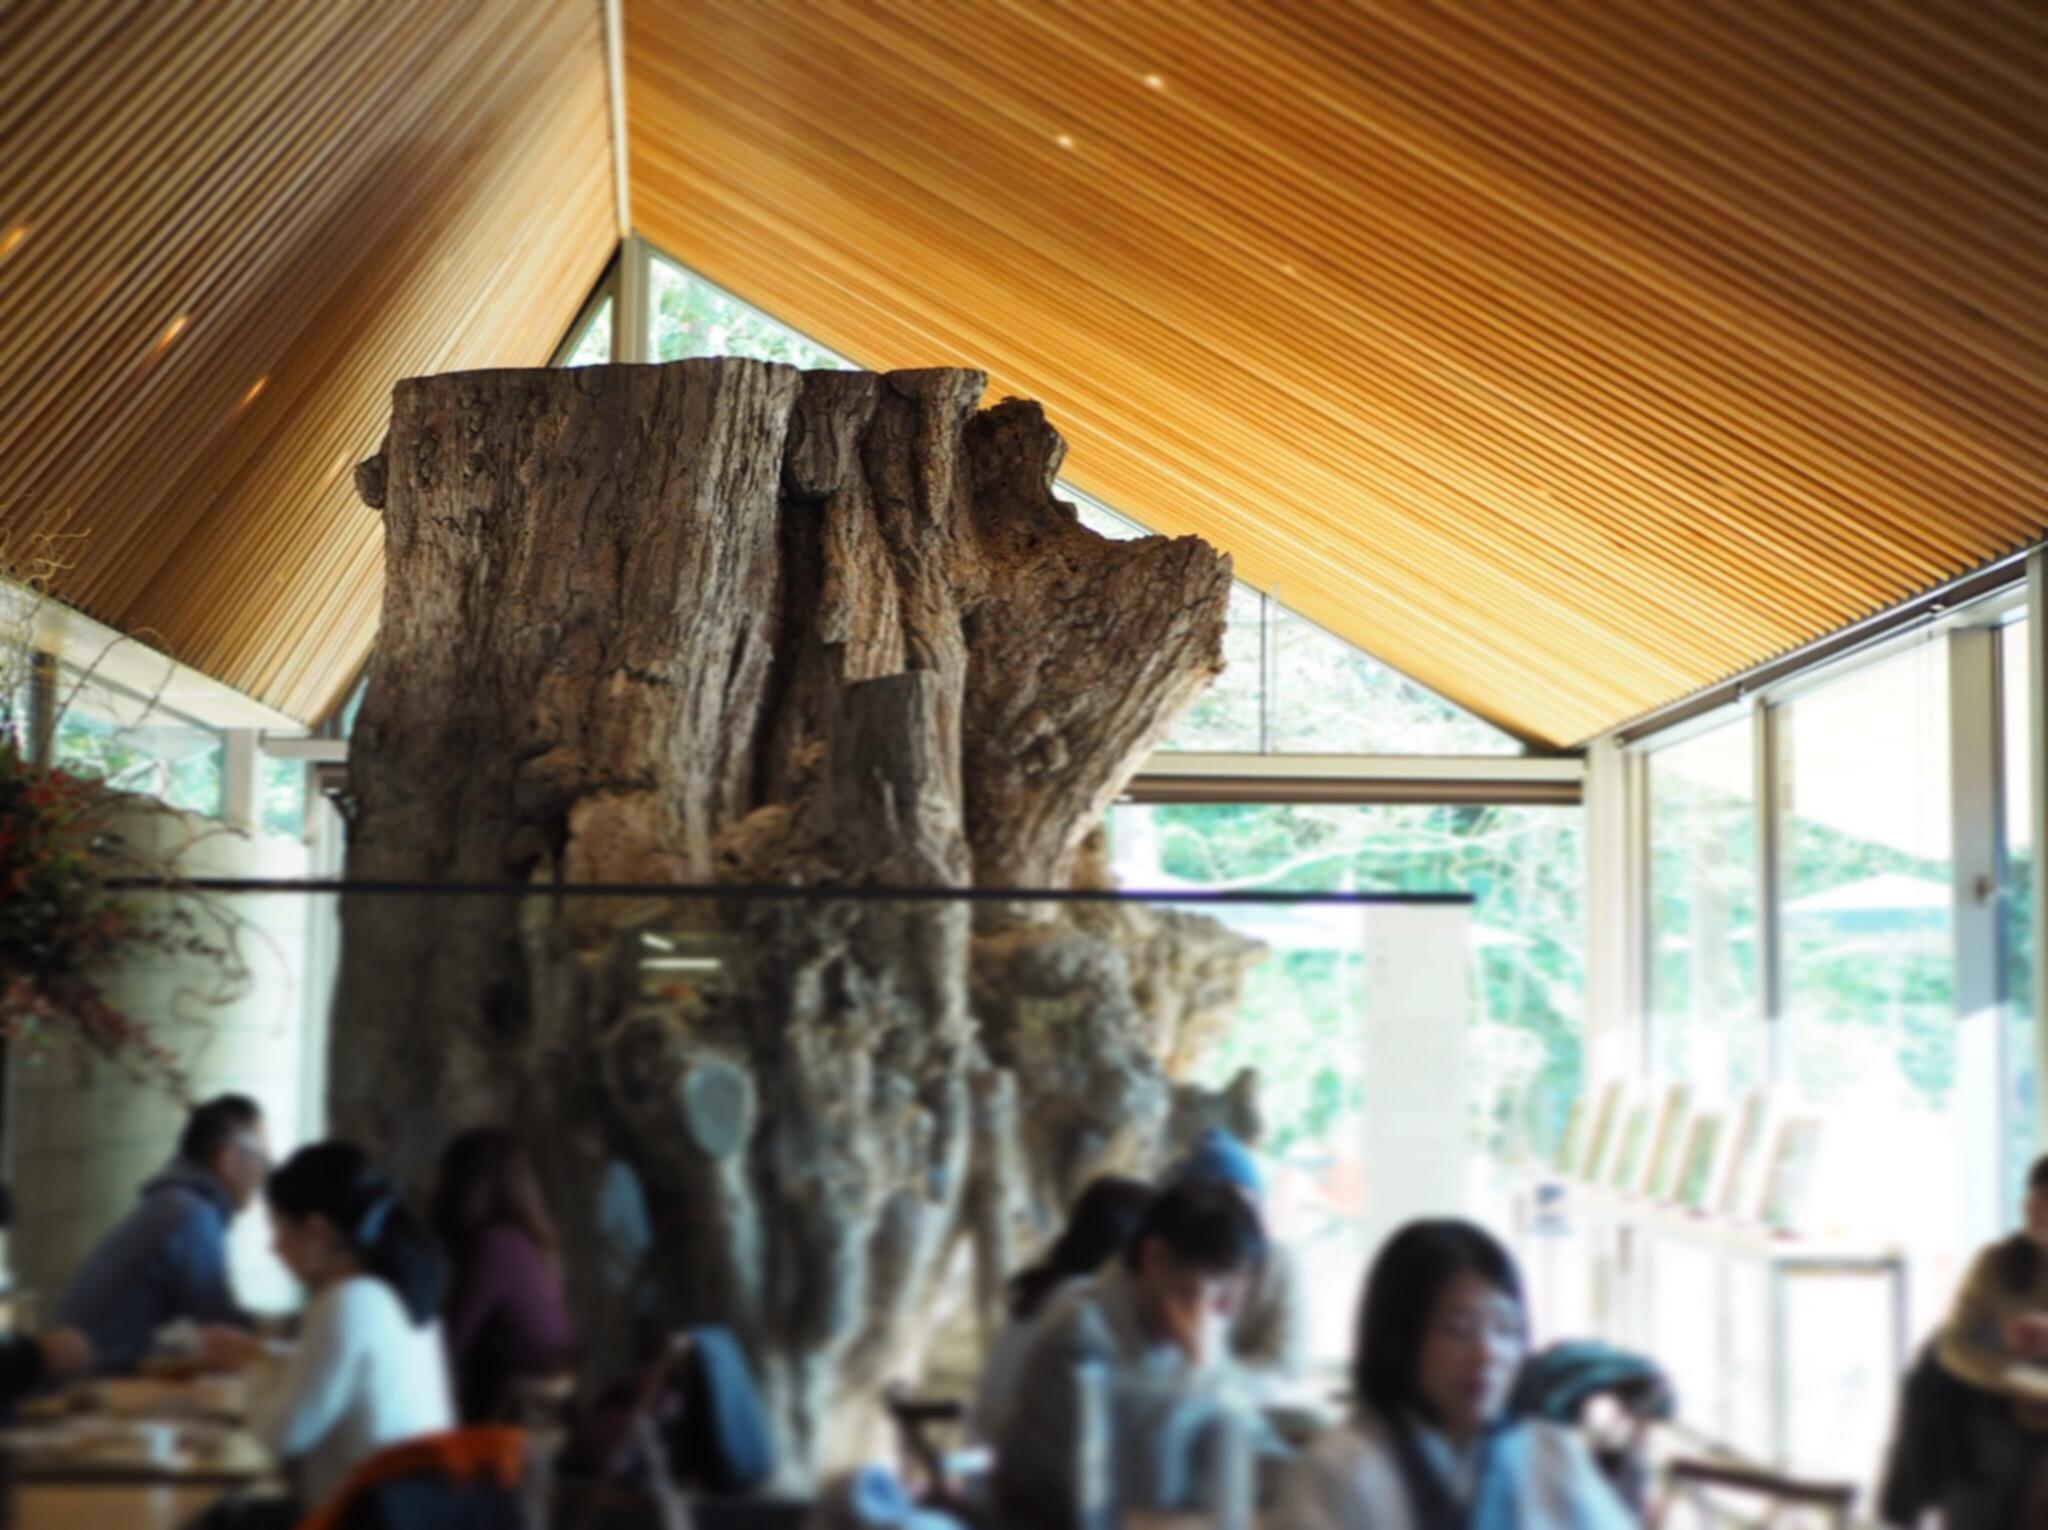 【#秋の鎌倉さんぽ】紅葉の鶴ヶ丘八幡宮♡ あの銀杏に会えるカフェ。_7